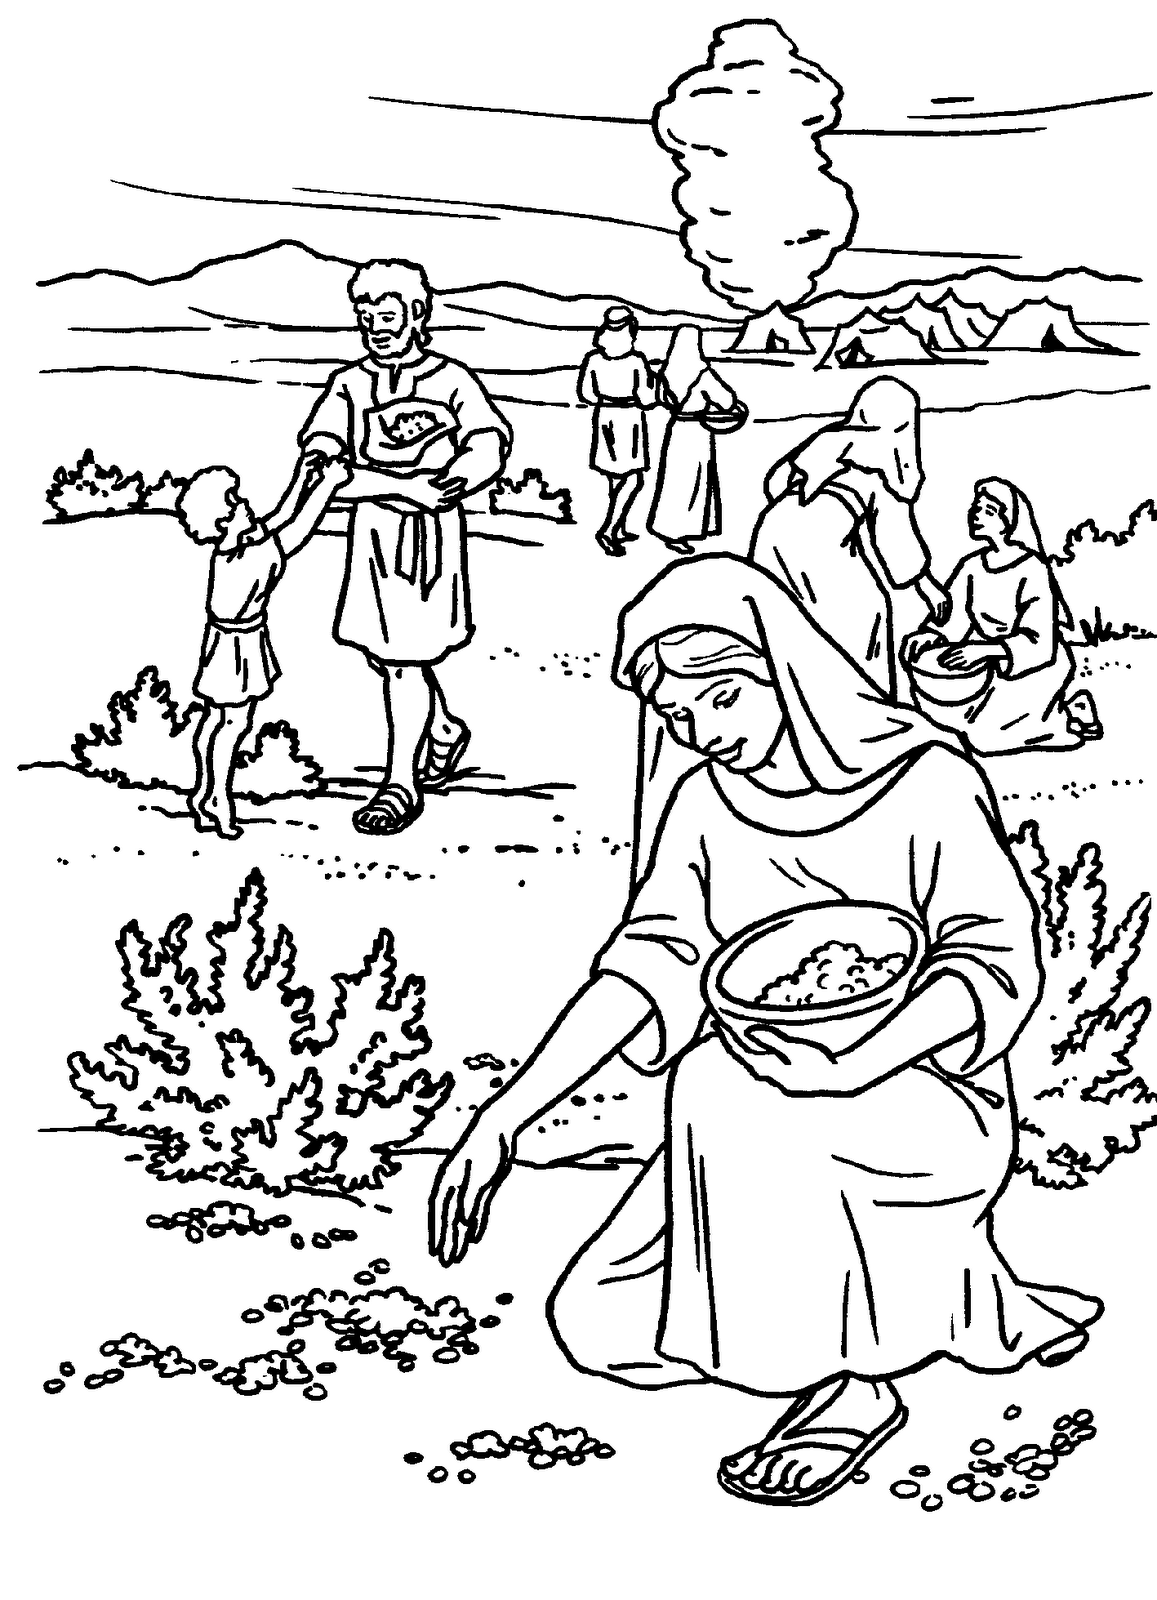 Dibujo del Pueblo de Israel recogiendo maná para colorear